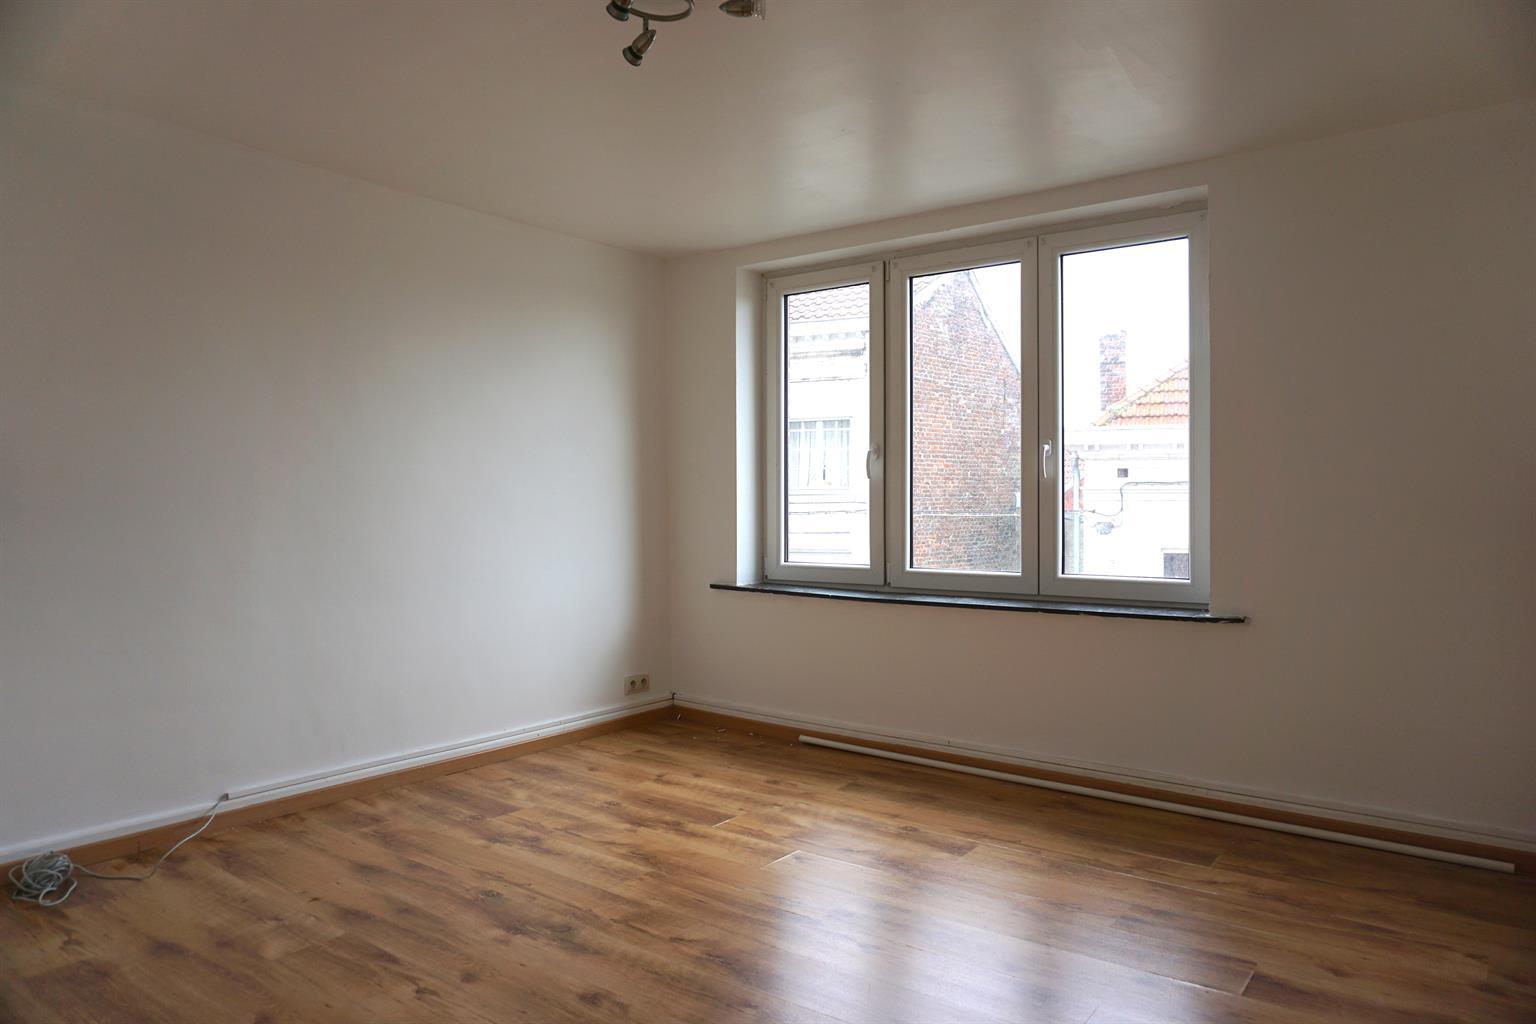 Appartement - Jodoigne - #4241007-4